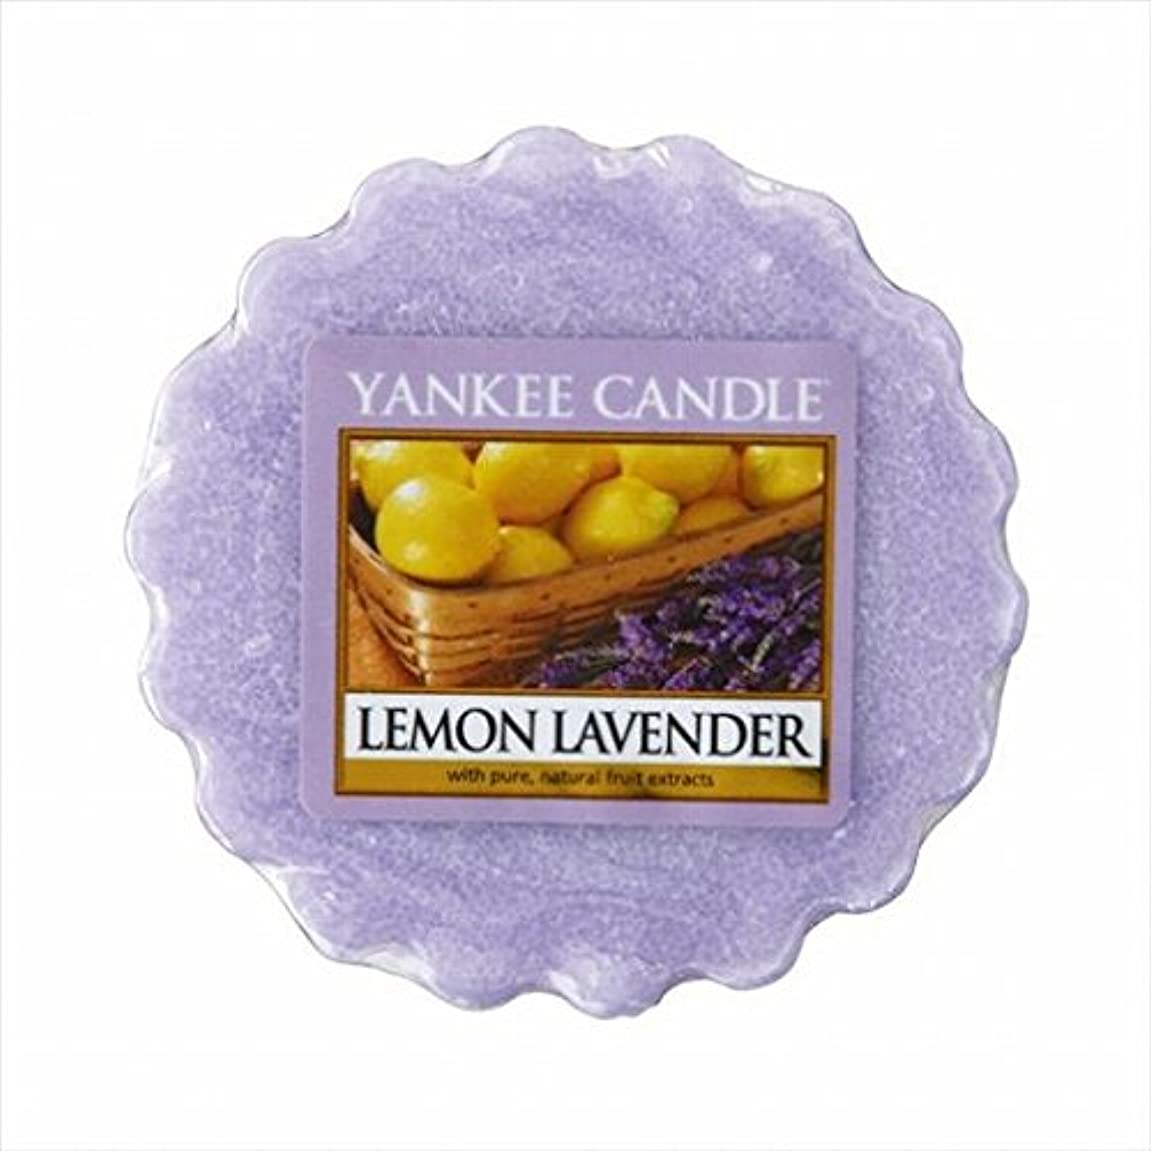 陰謀期待するクランシーカメヤマキャンドル(kameyama candle) YANKEE CANDLE タルト ワックスポプリ 「 レモンラベンダー 」